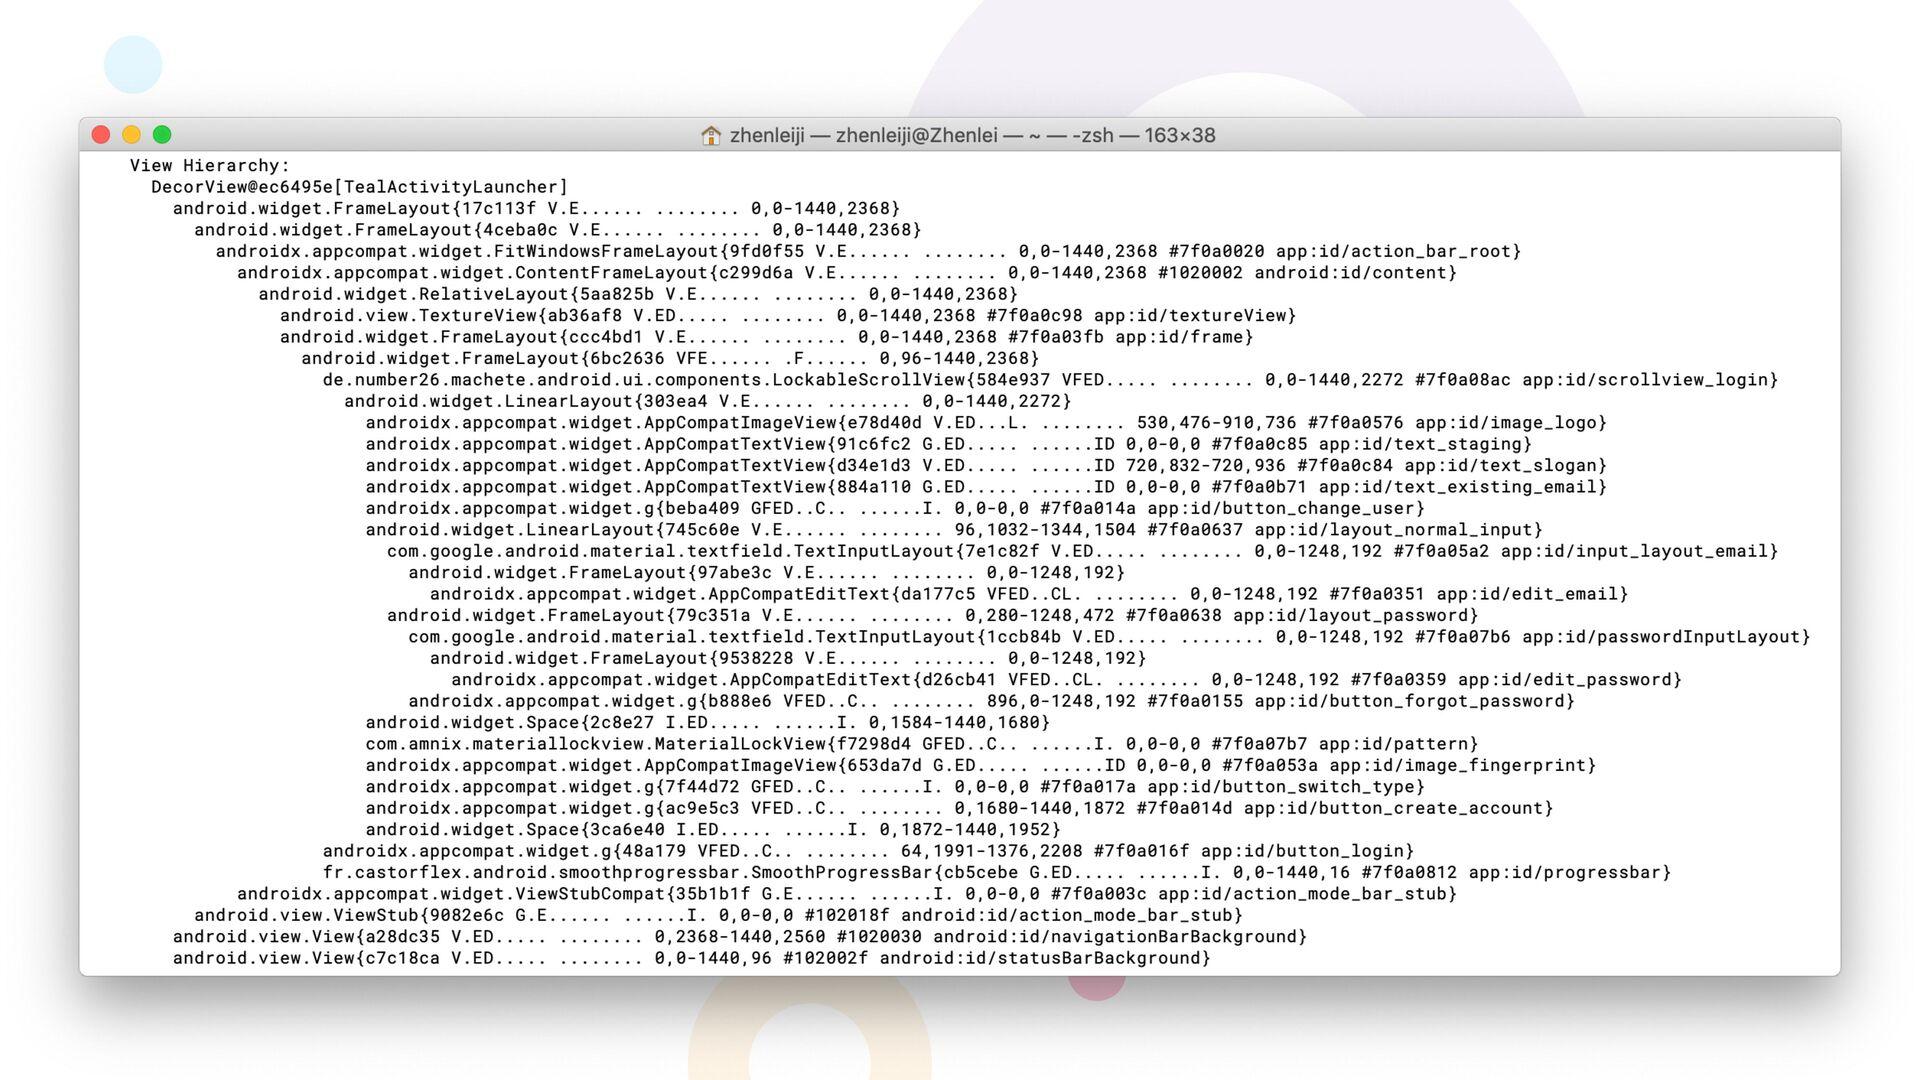 https://android.googlesource.com/platform/frame...